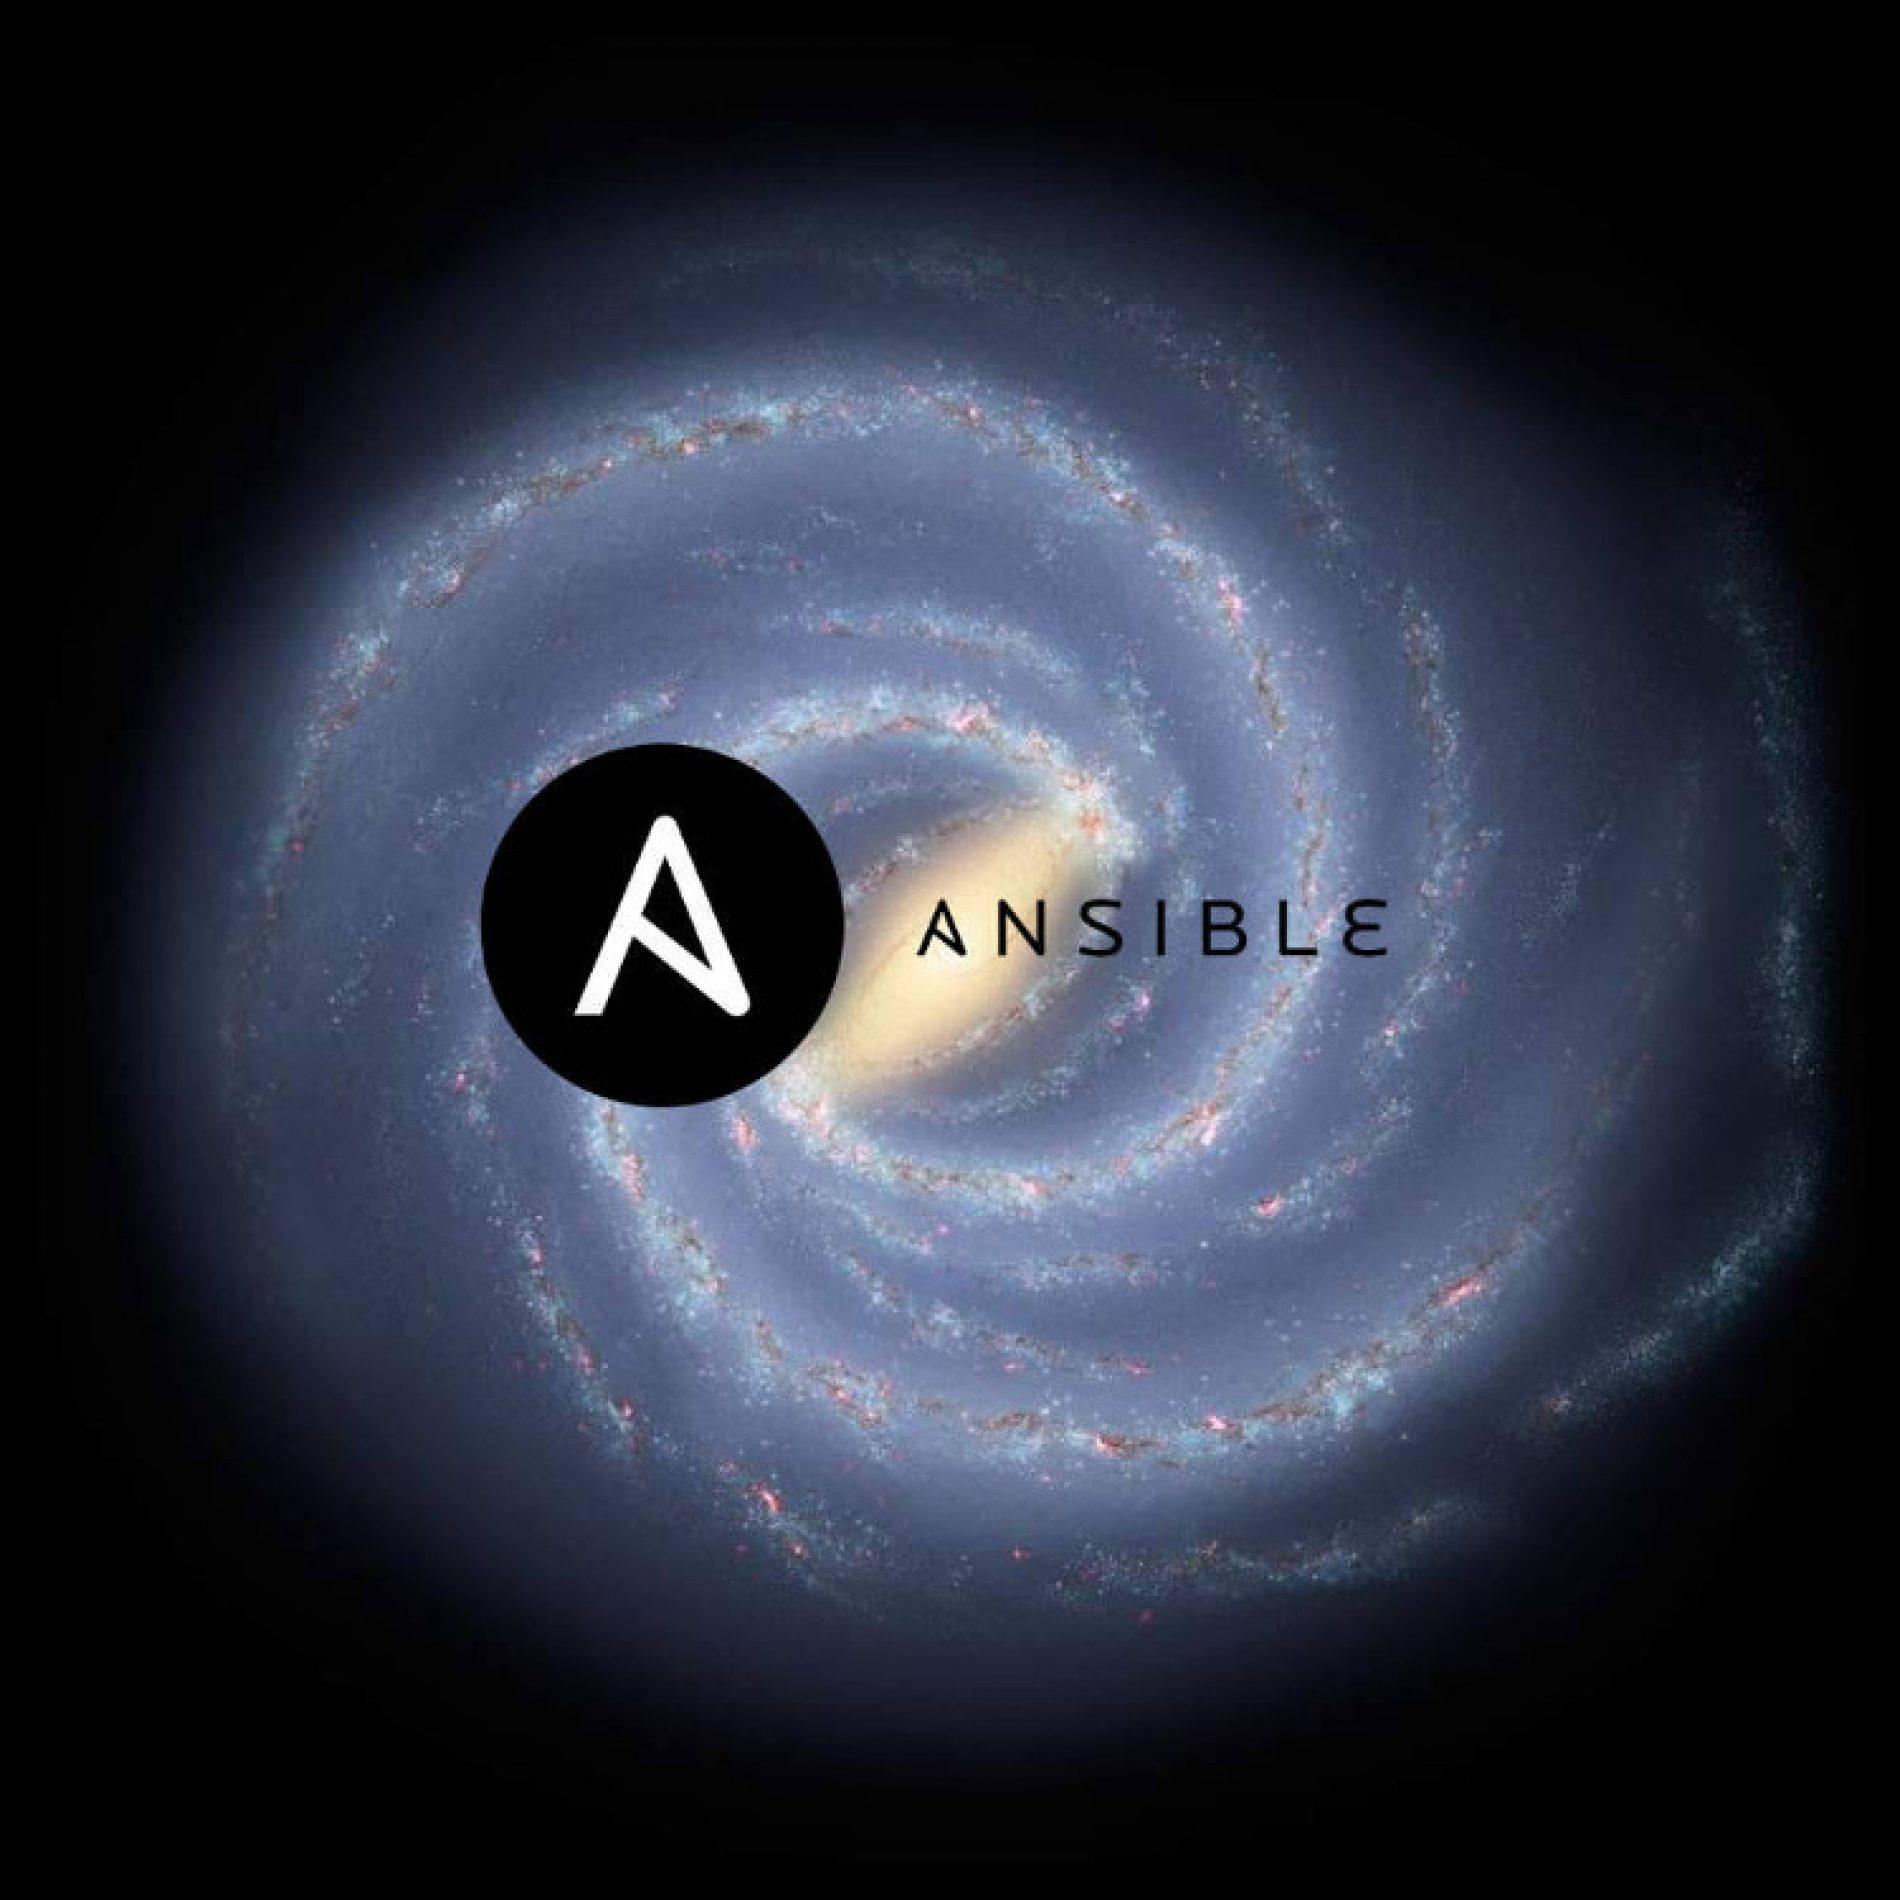 Crie, versione e compartilhe sua infraestrutura através de Códigos com Ansible Galaxy!